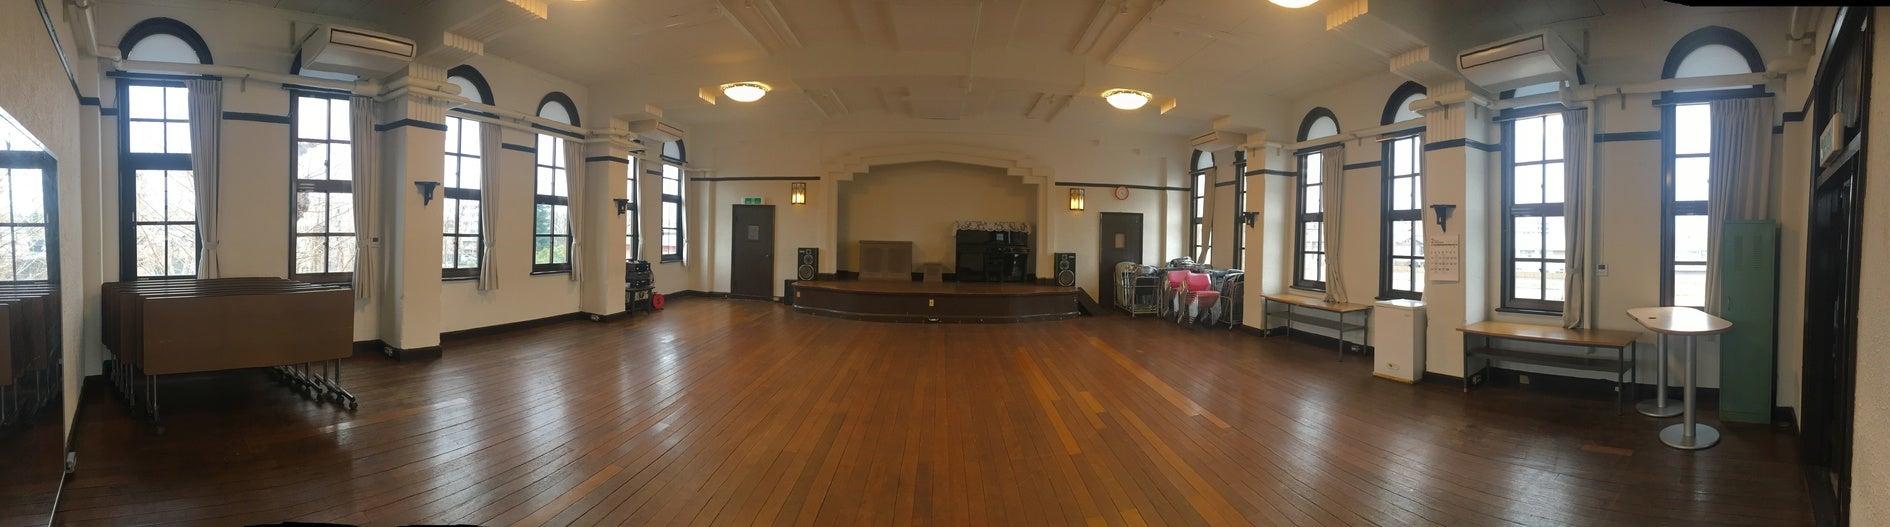 3Fホール【京都】戦前の雰囲気をそのまま残した空間で結婚式などのイベントや撮影をしませんか(紫明会館) の写真0